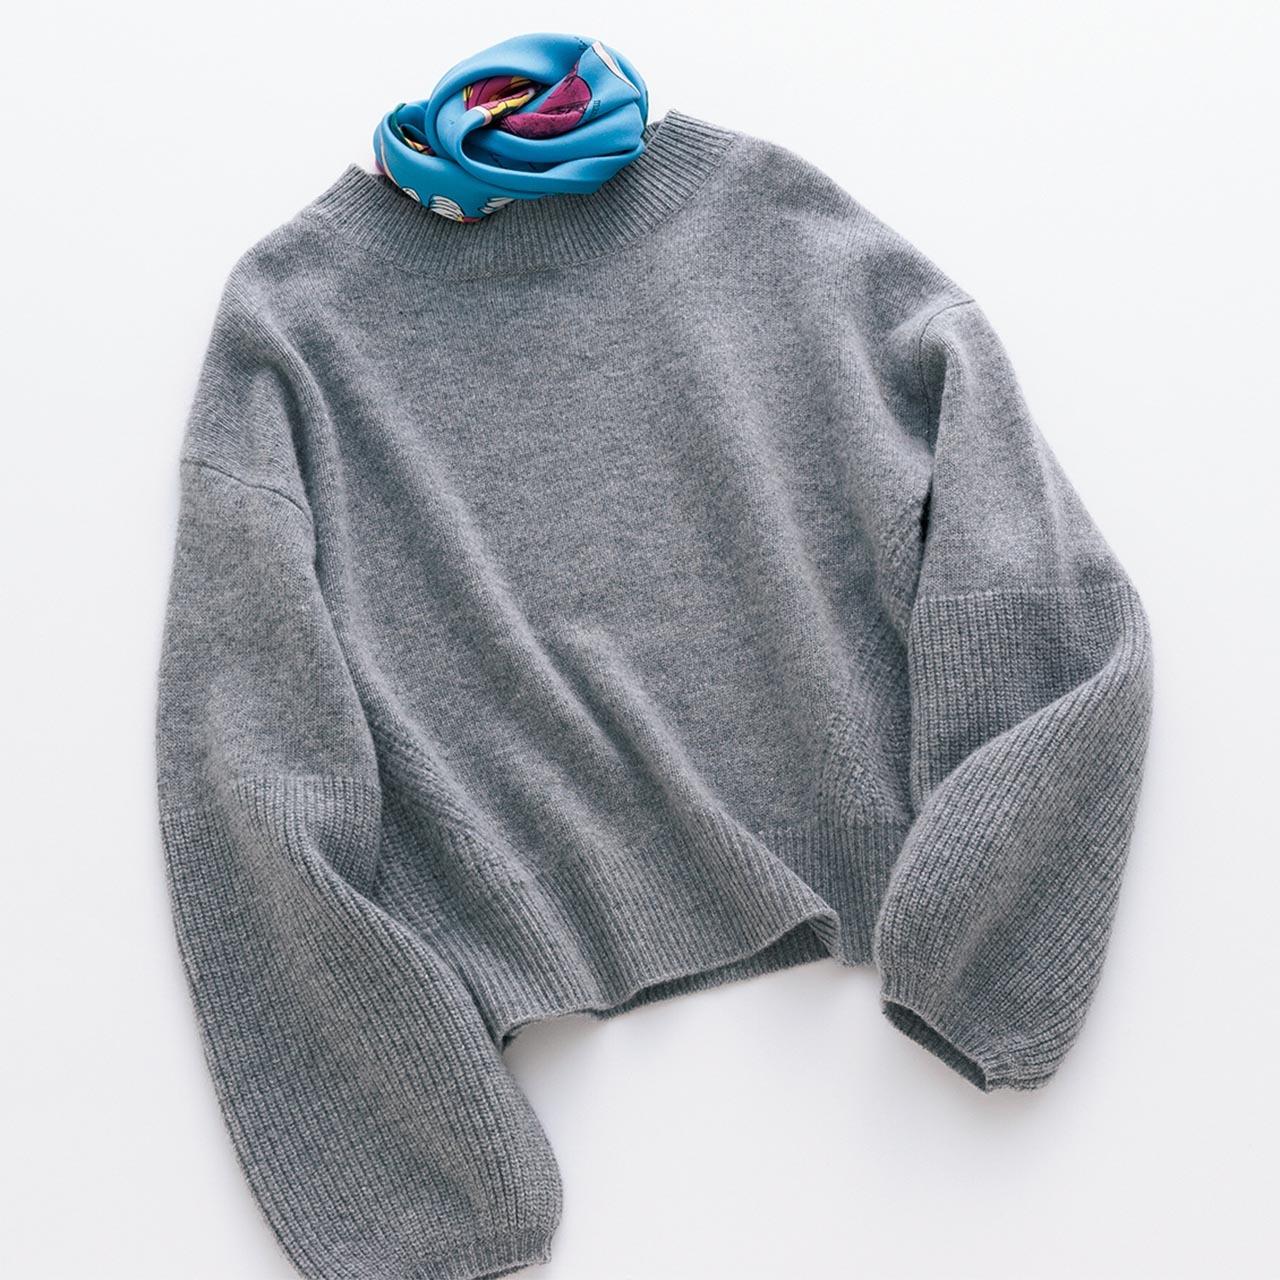 グレーのニット×ブルーのスカーフコーデ